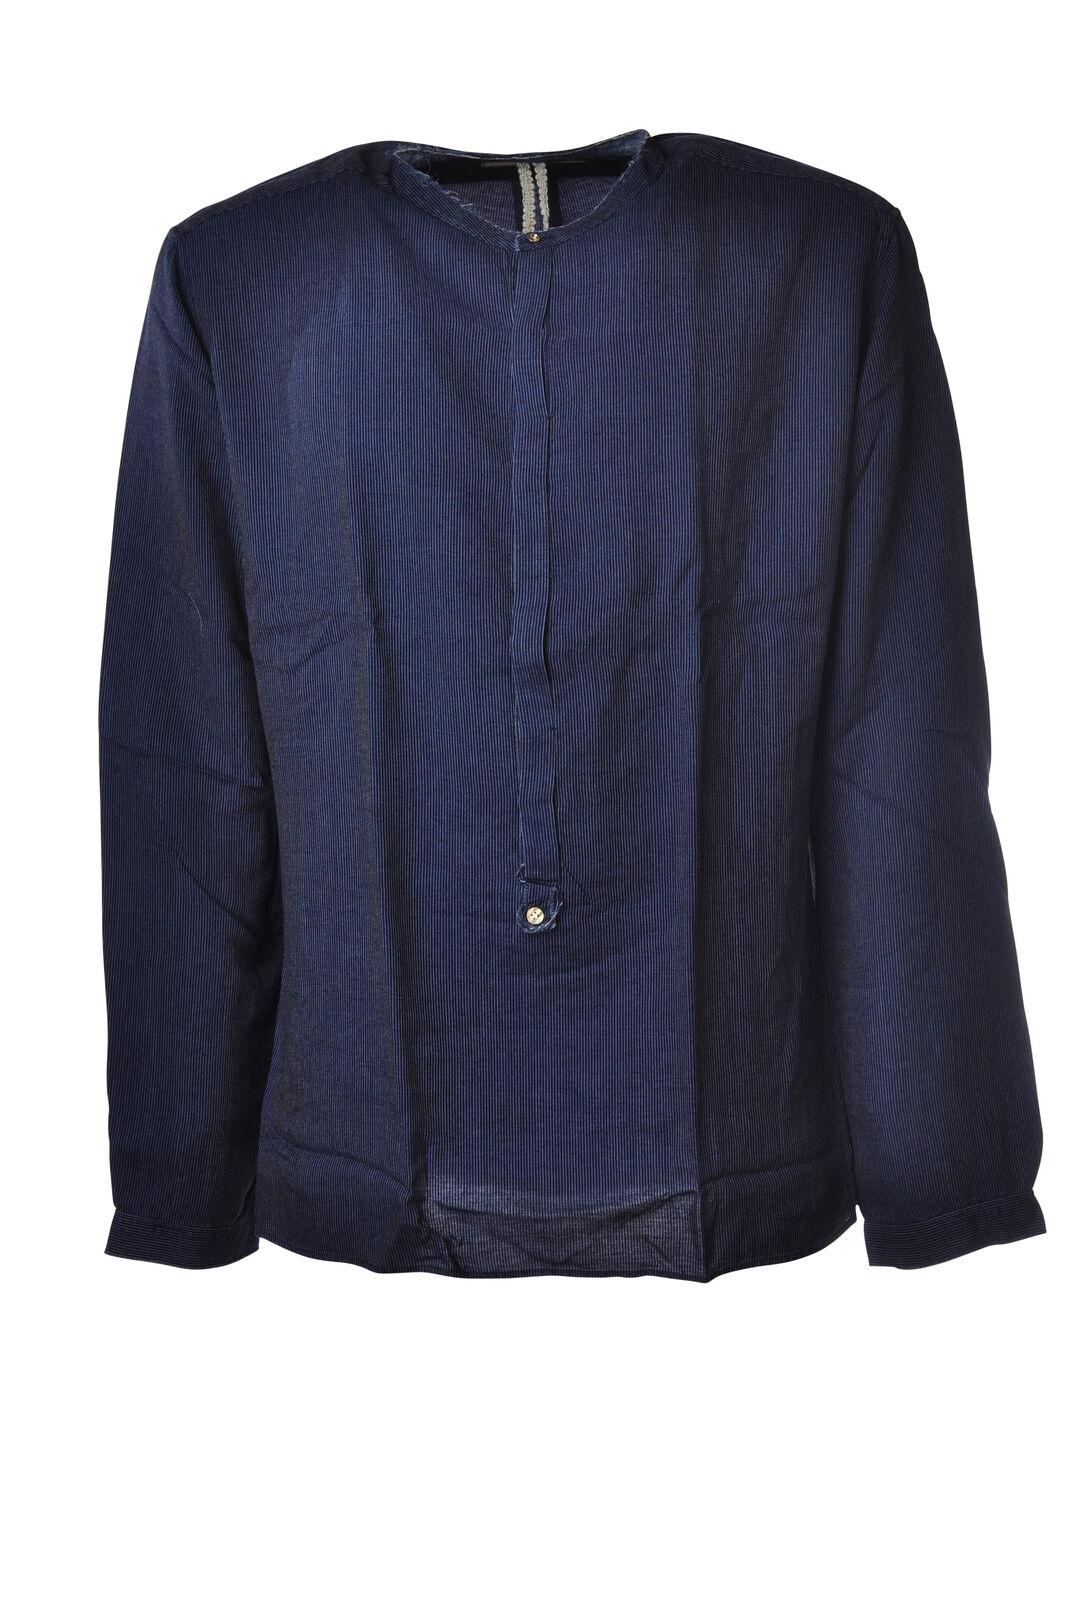 Dnl - Shirts-Shirt - Man - bluee - 5258525E180809